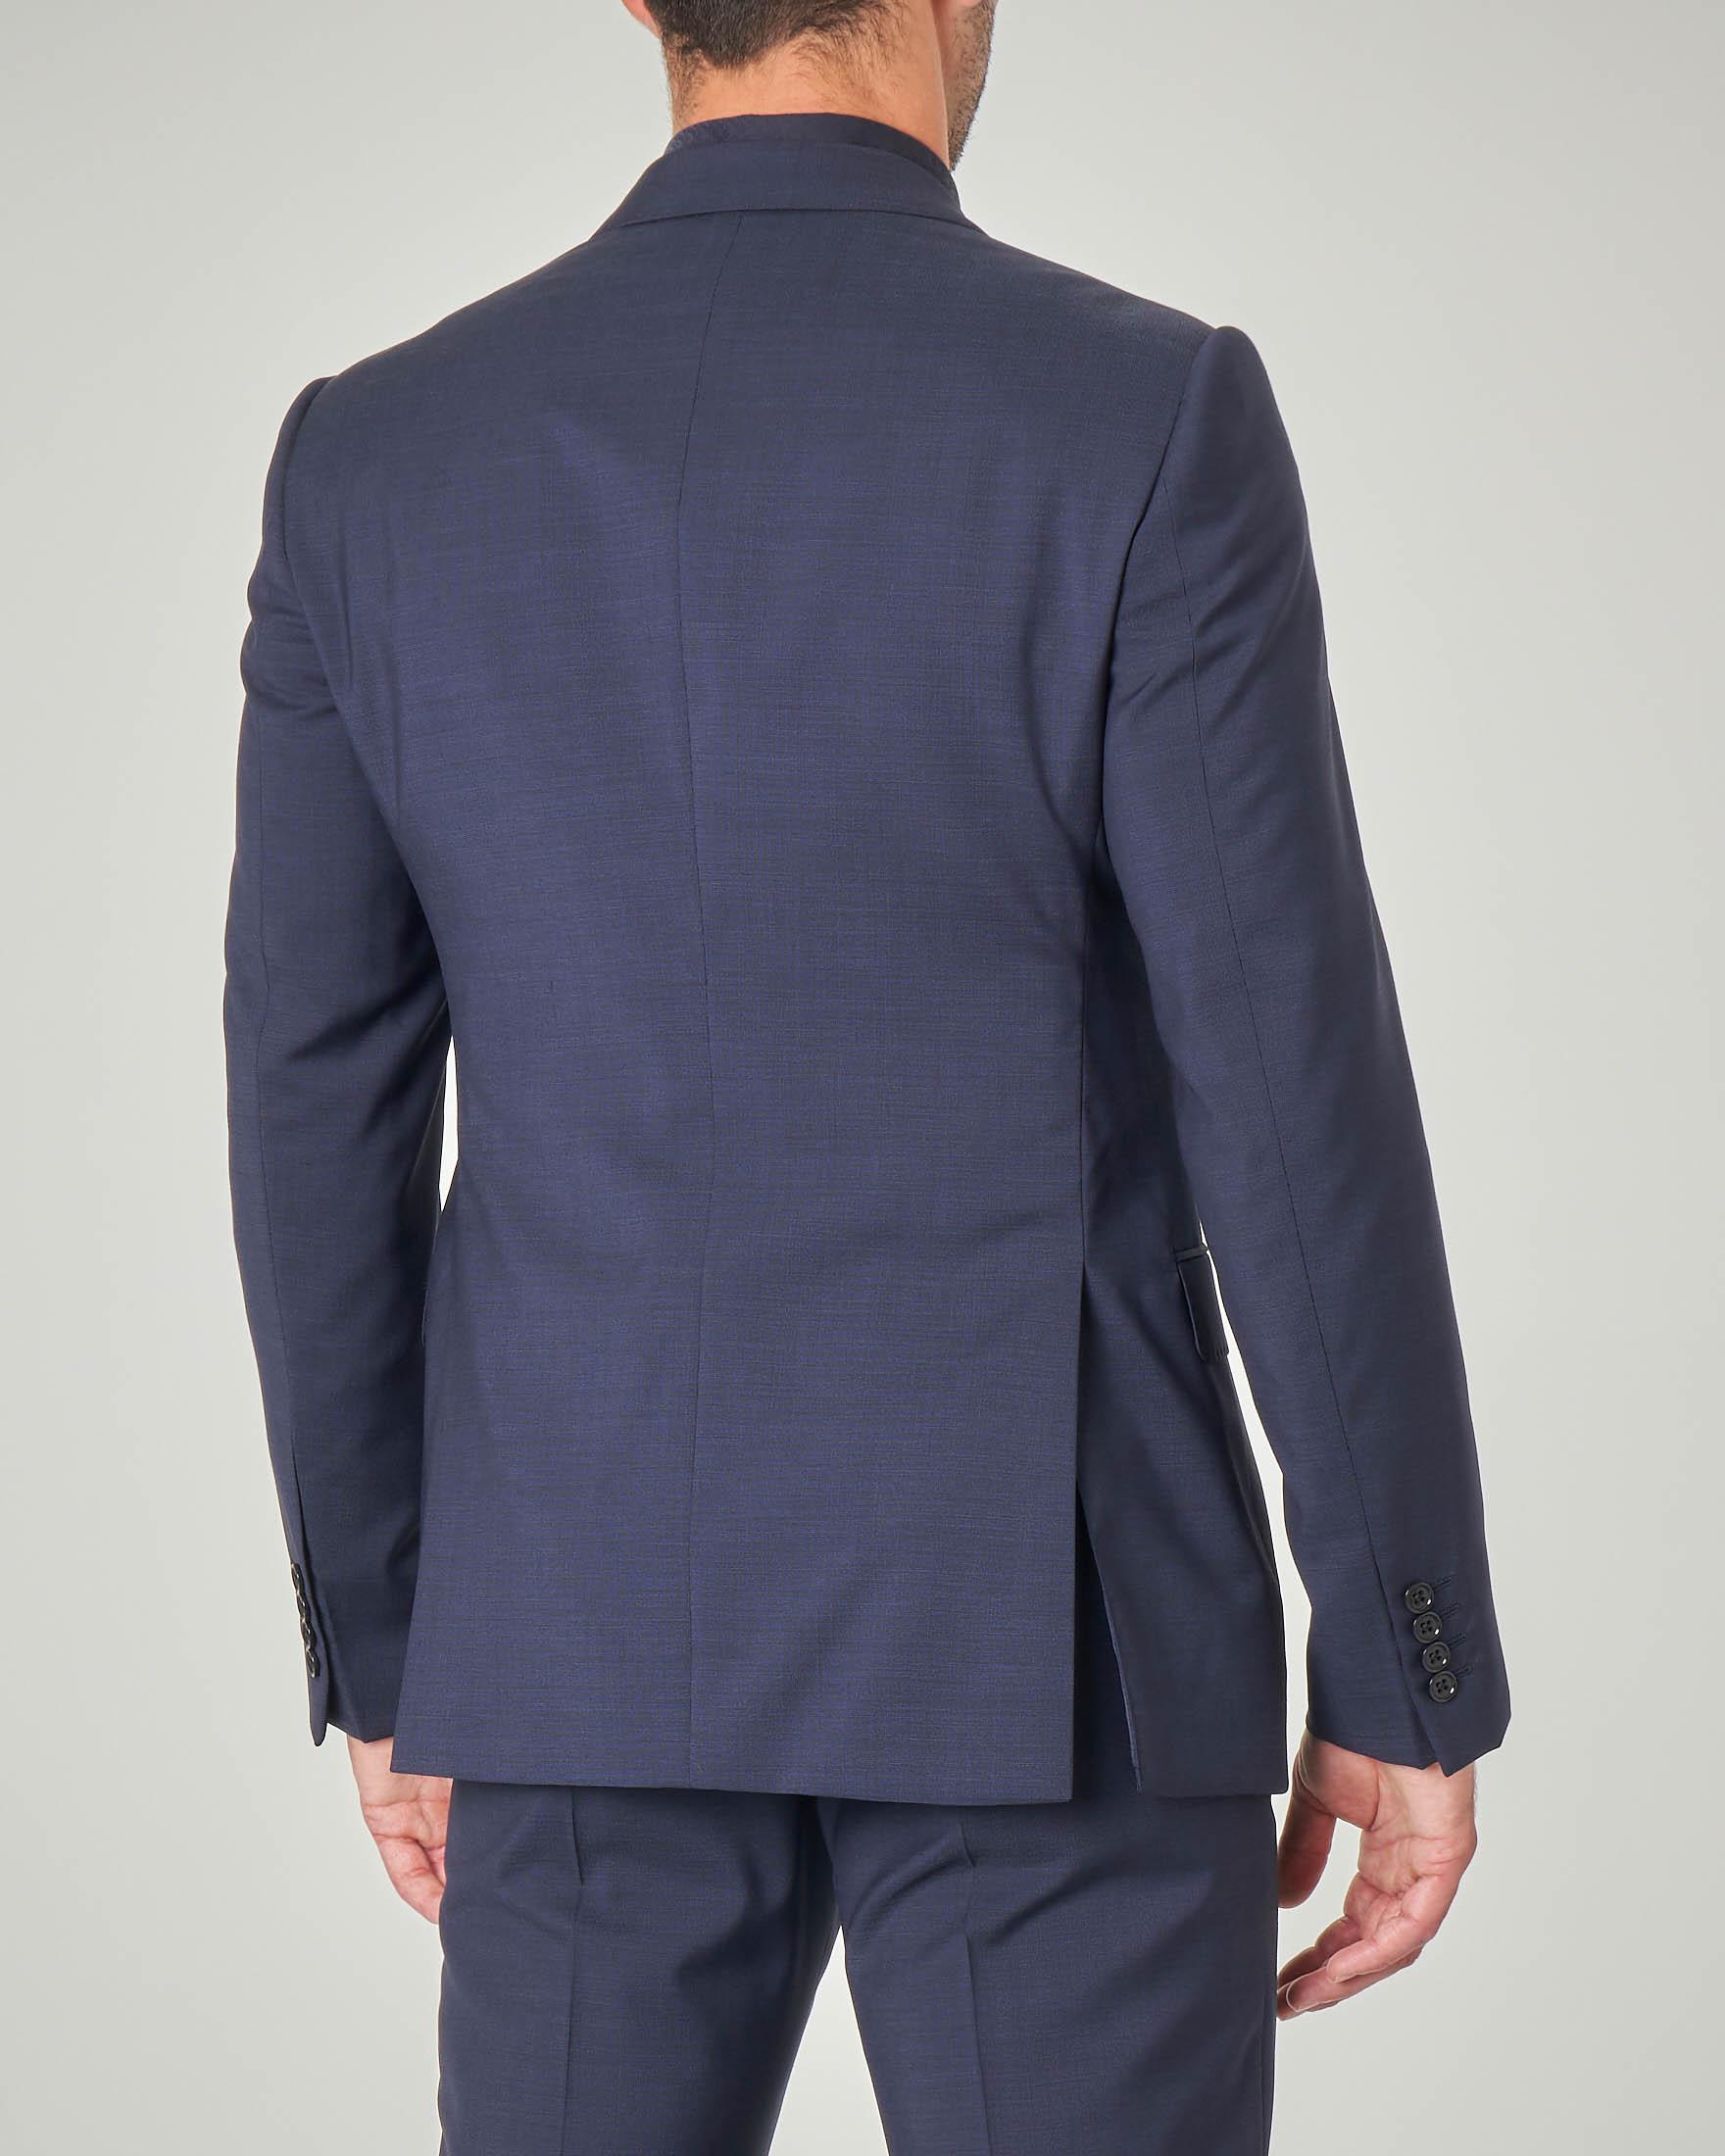 Abito blu in tela di lana a righine molto fitte